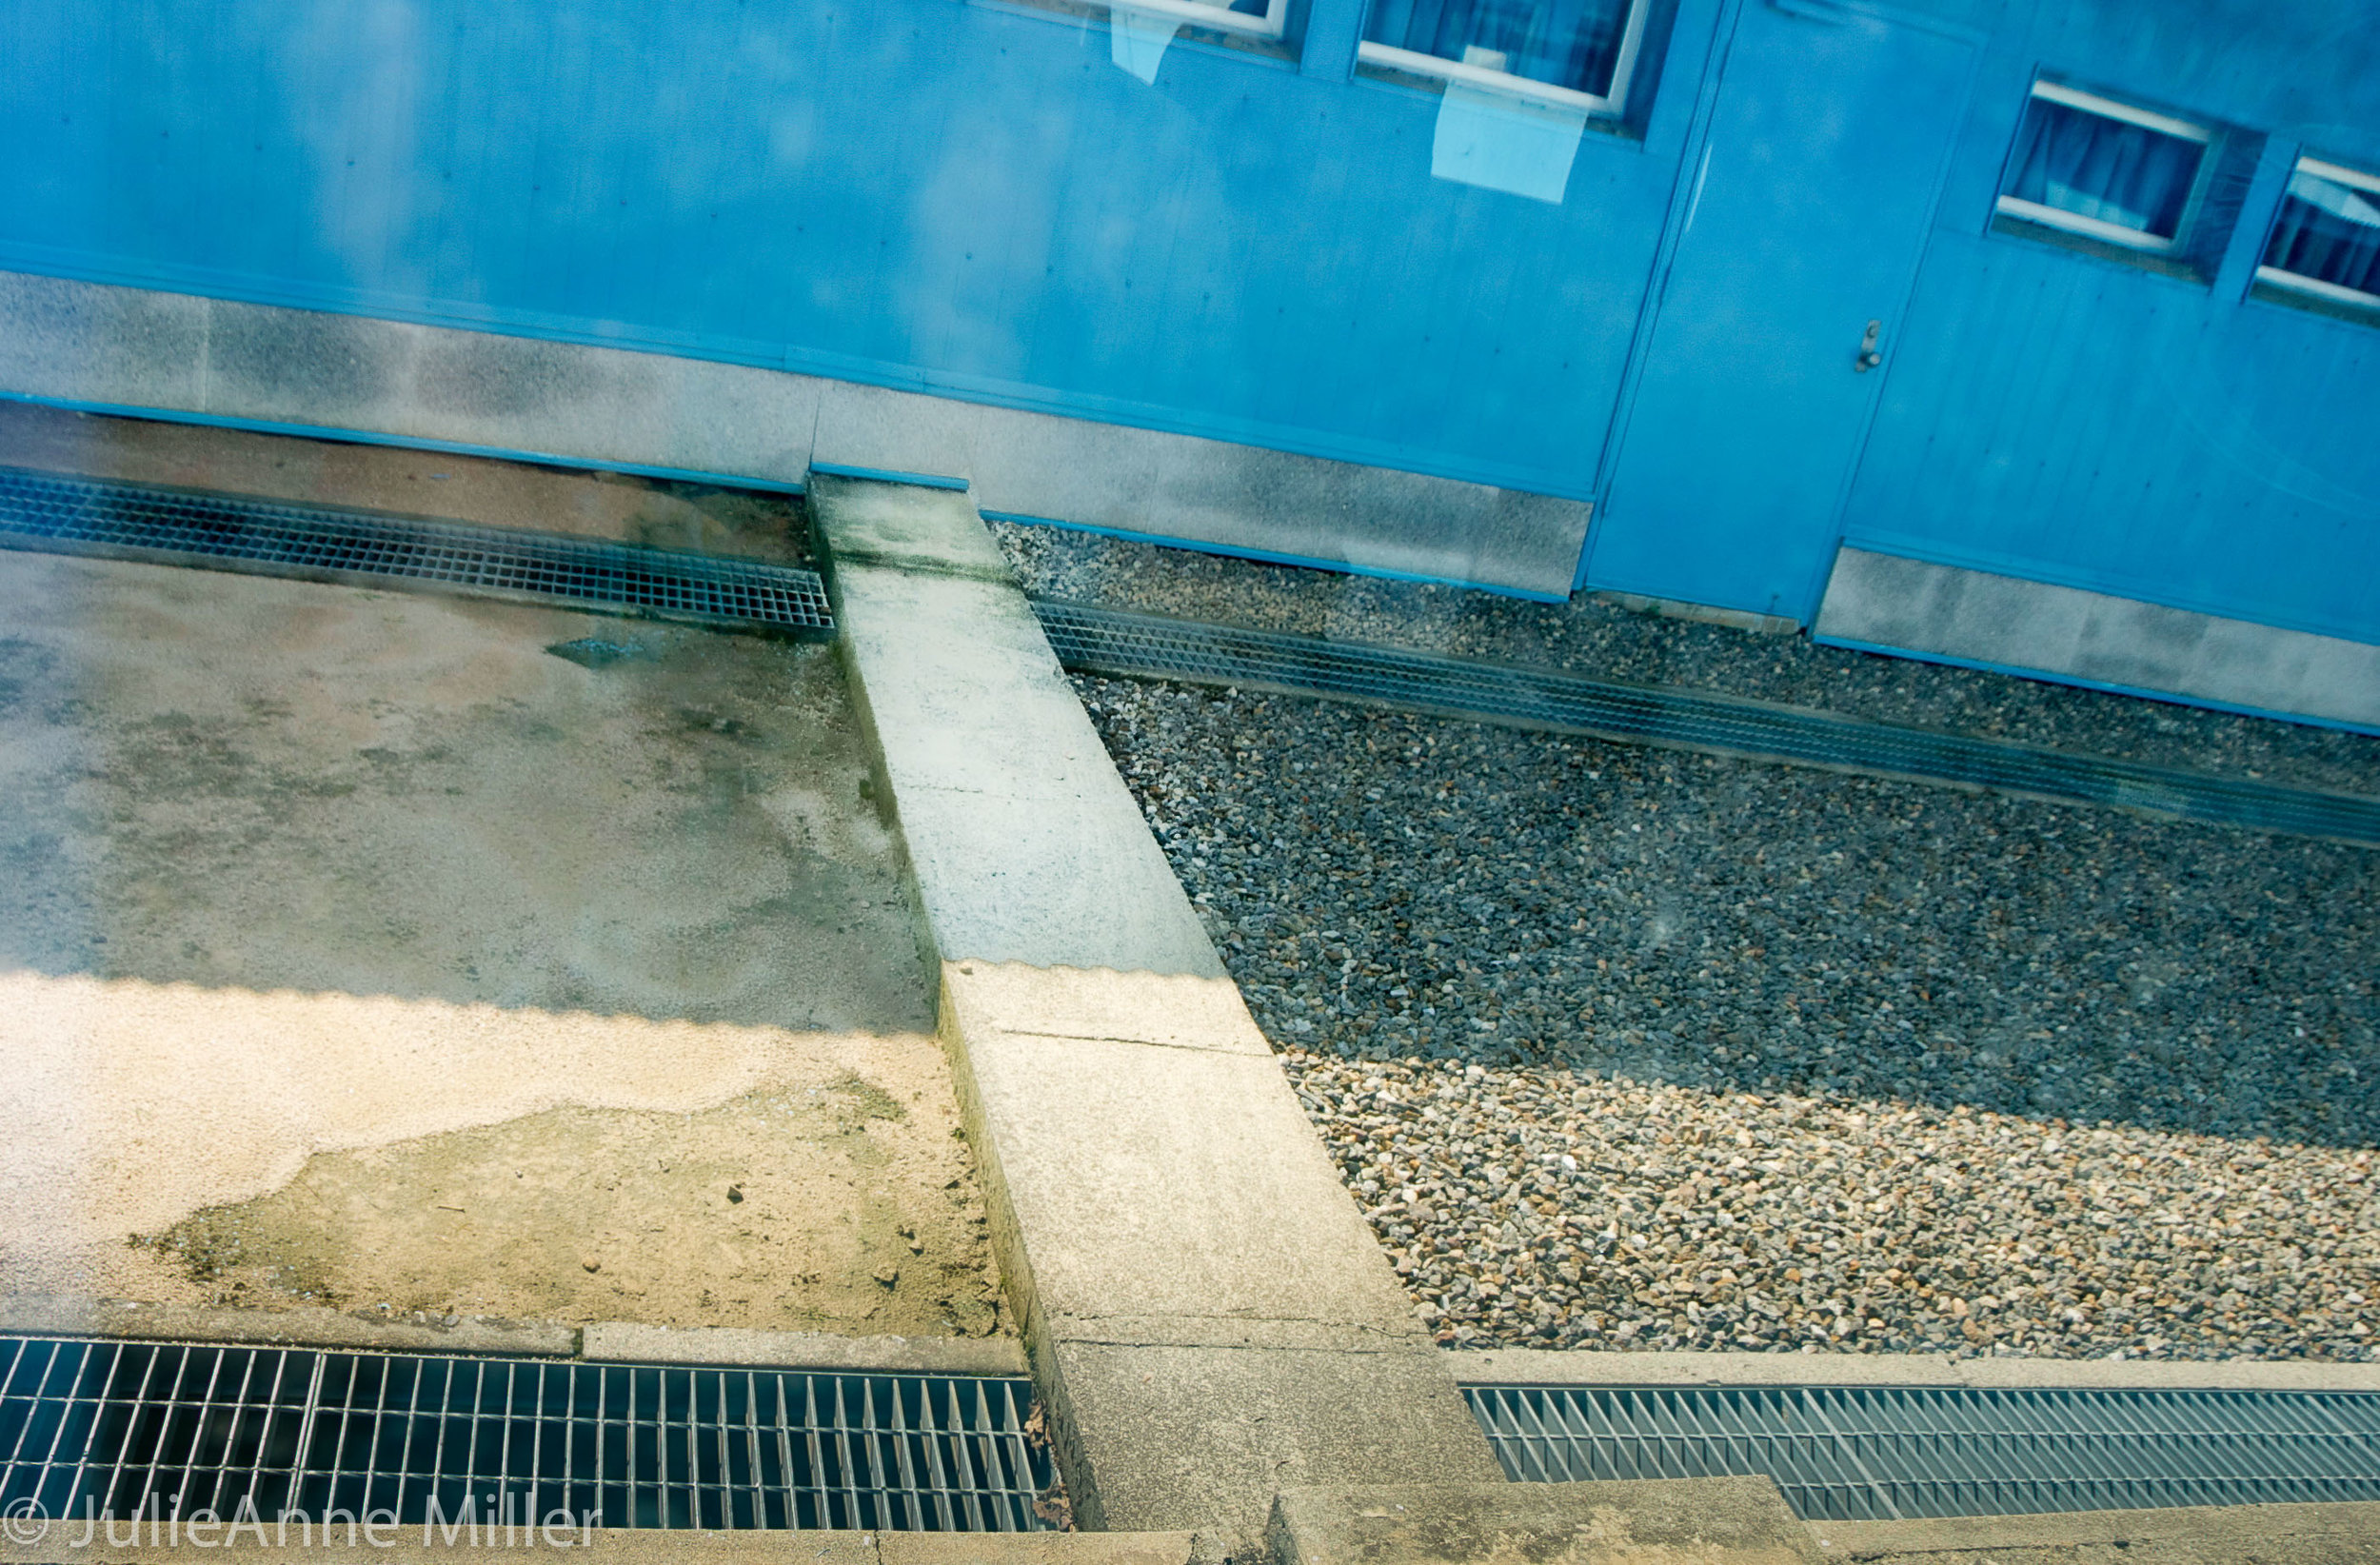 DMZ demarcation line (DML)